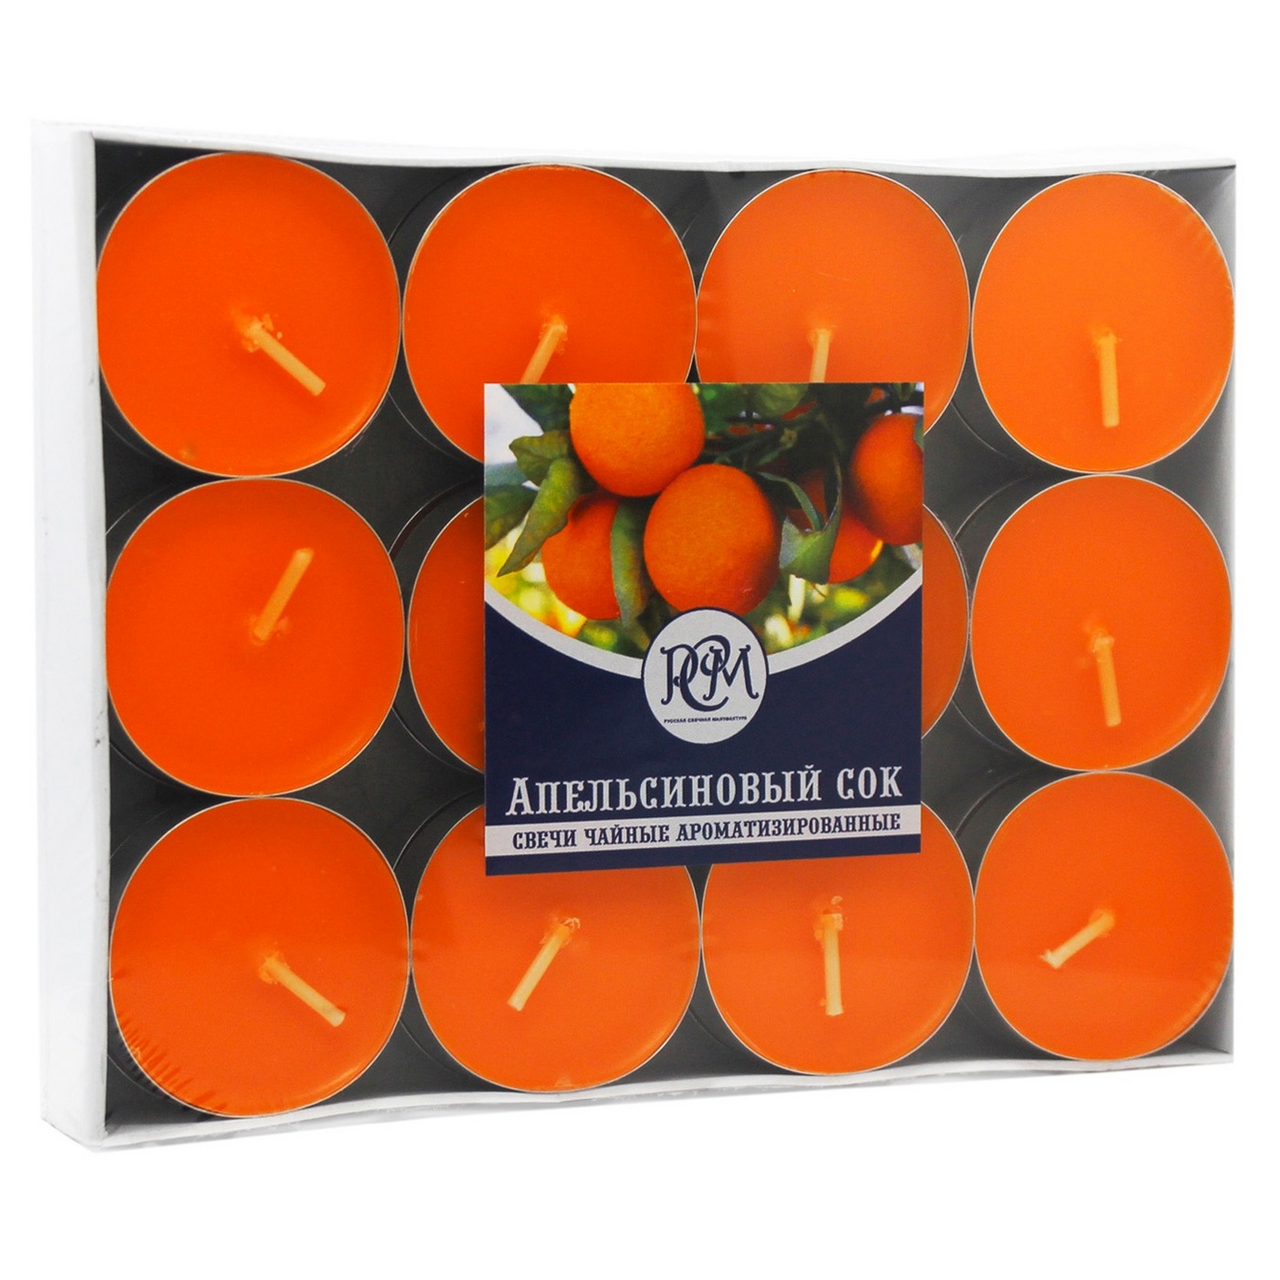 Свечи чайные РСМ Апельсиновый сок, 24 шт.